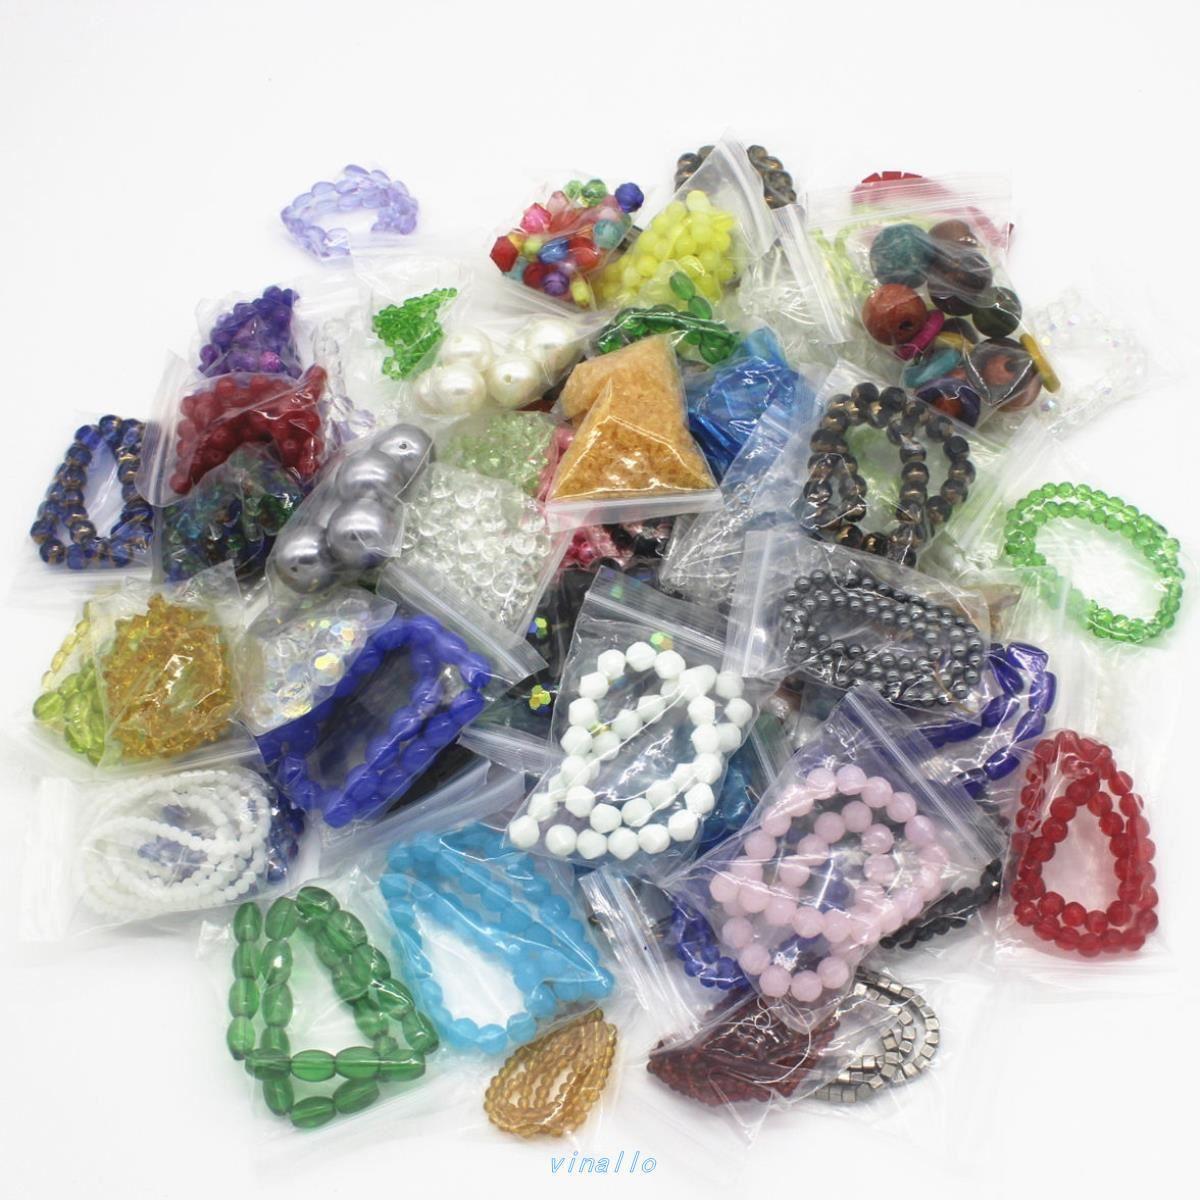 弱势专注力训练串珠子弱视散光恢复饰品手工制作手链项链儿童习穿